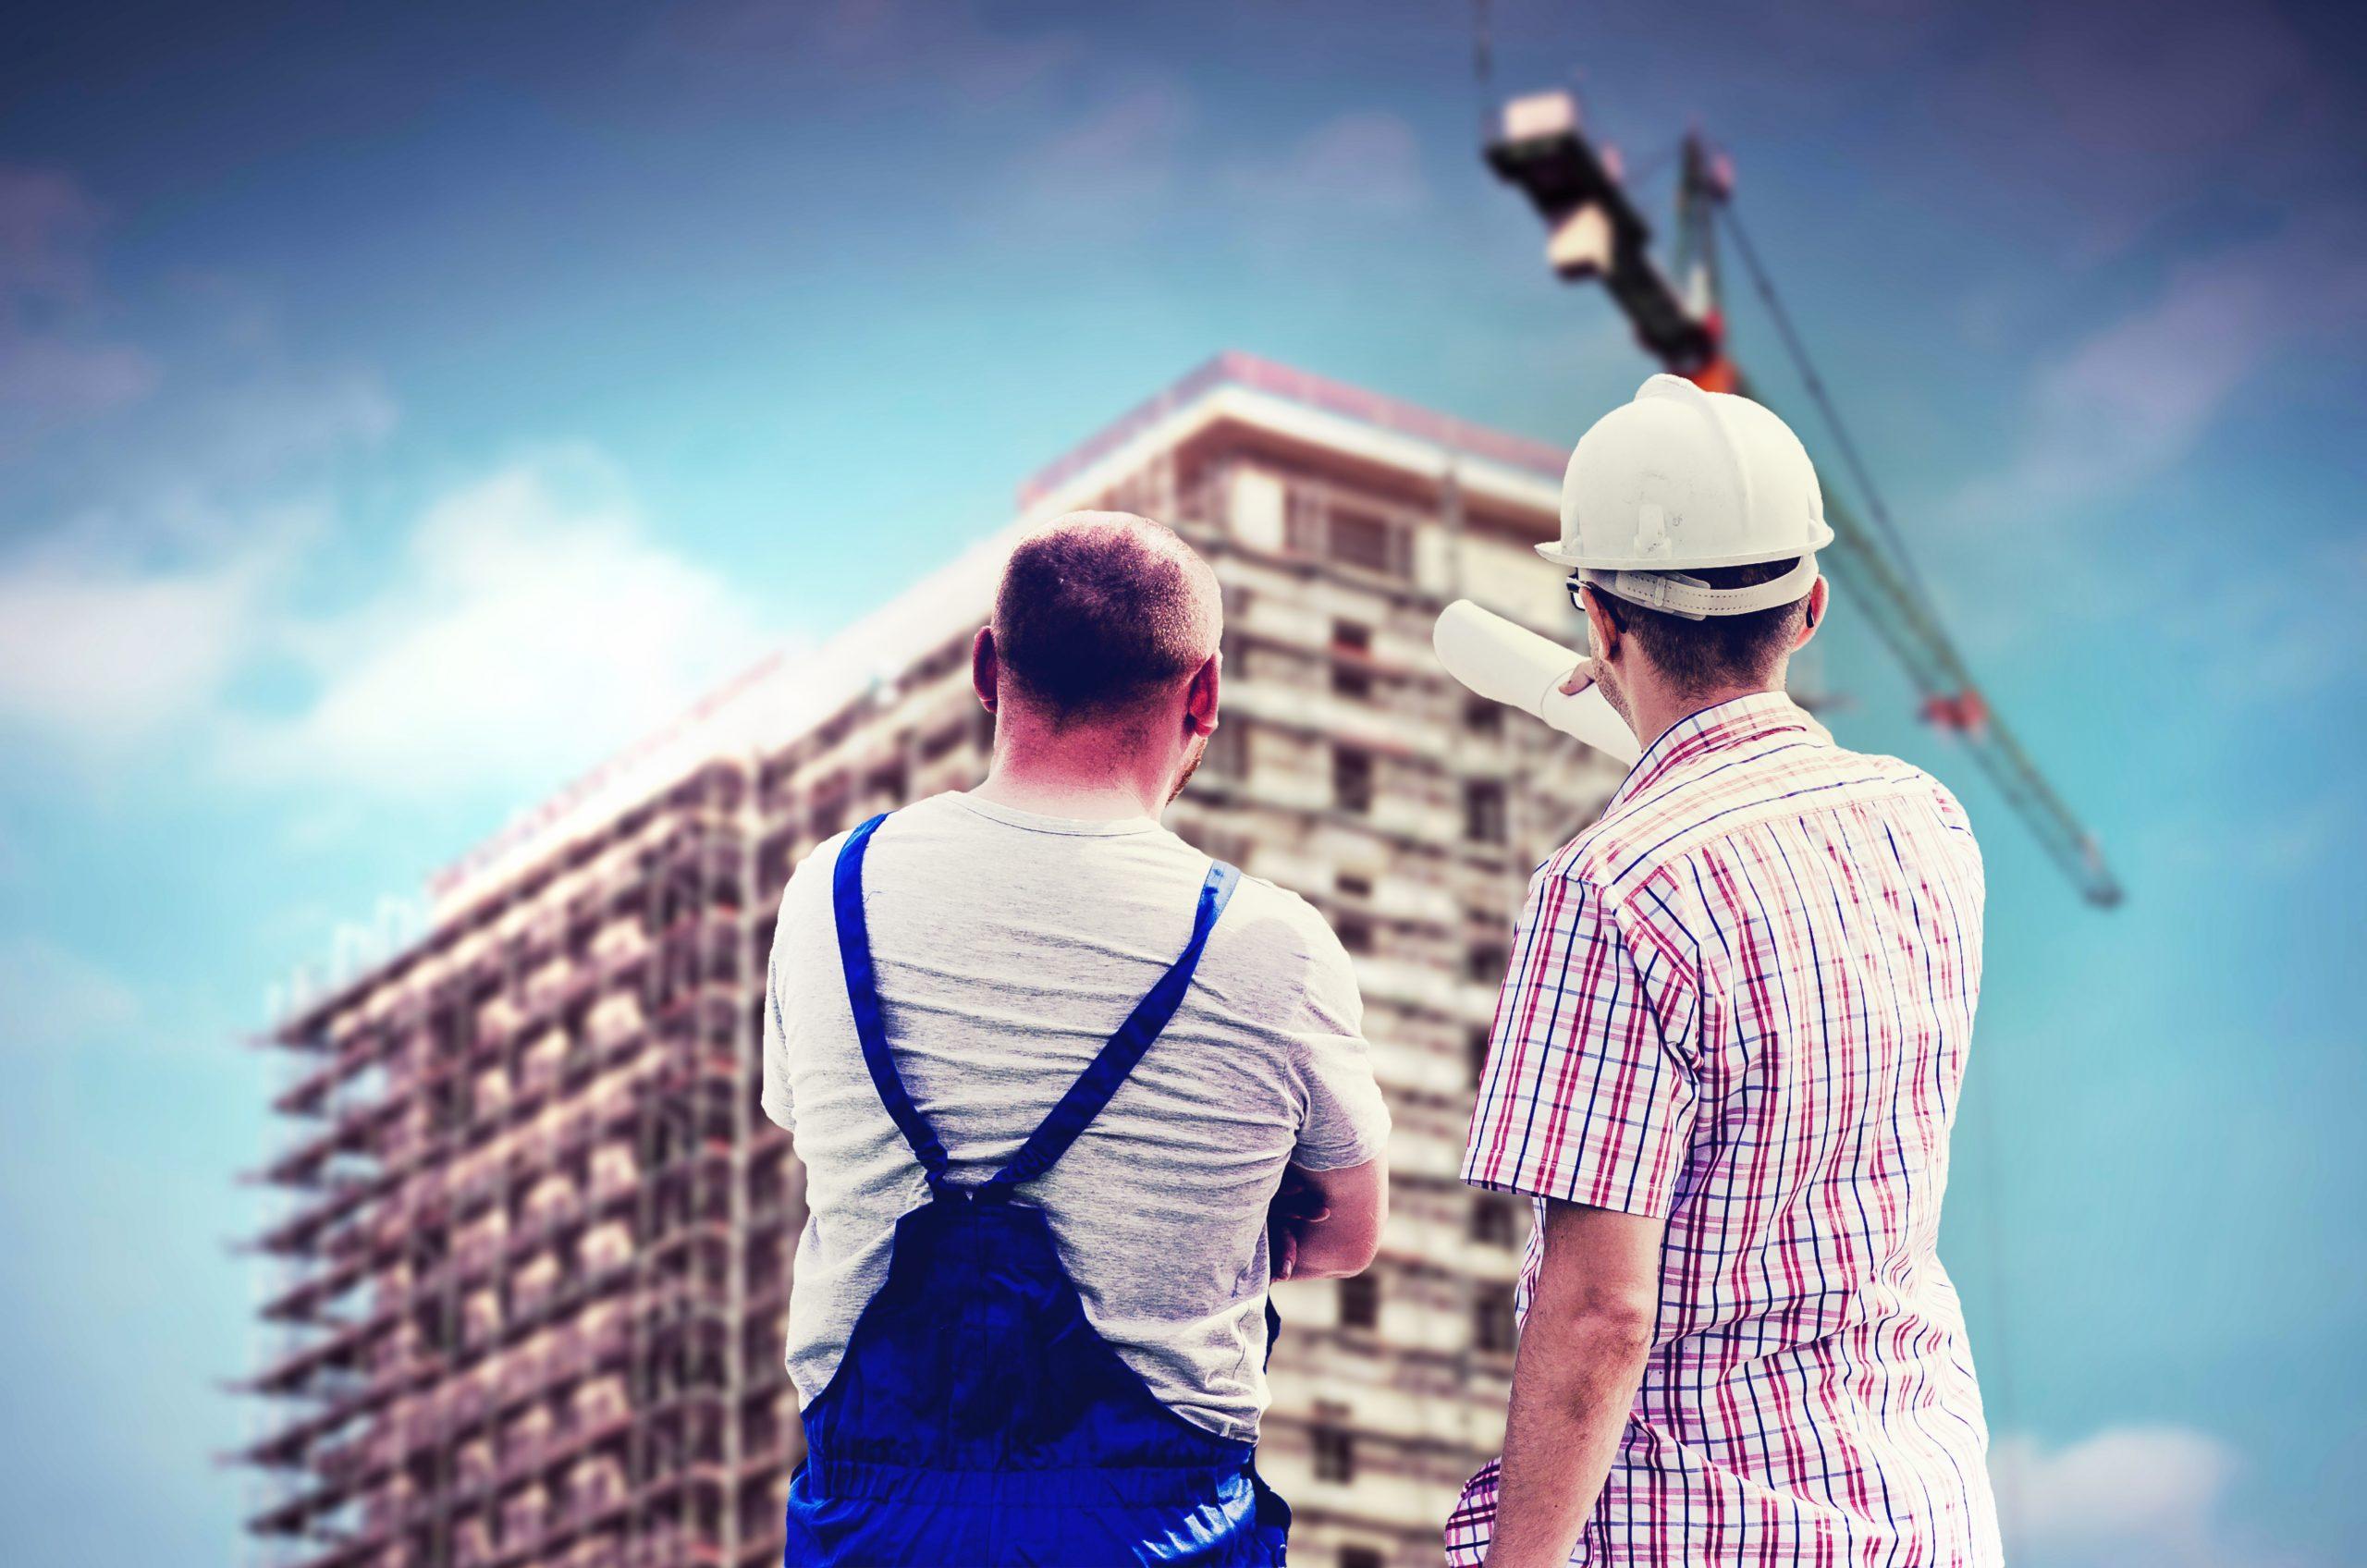 Baufehler vermeiden – Ist Bauaufsicht sinnvoll?